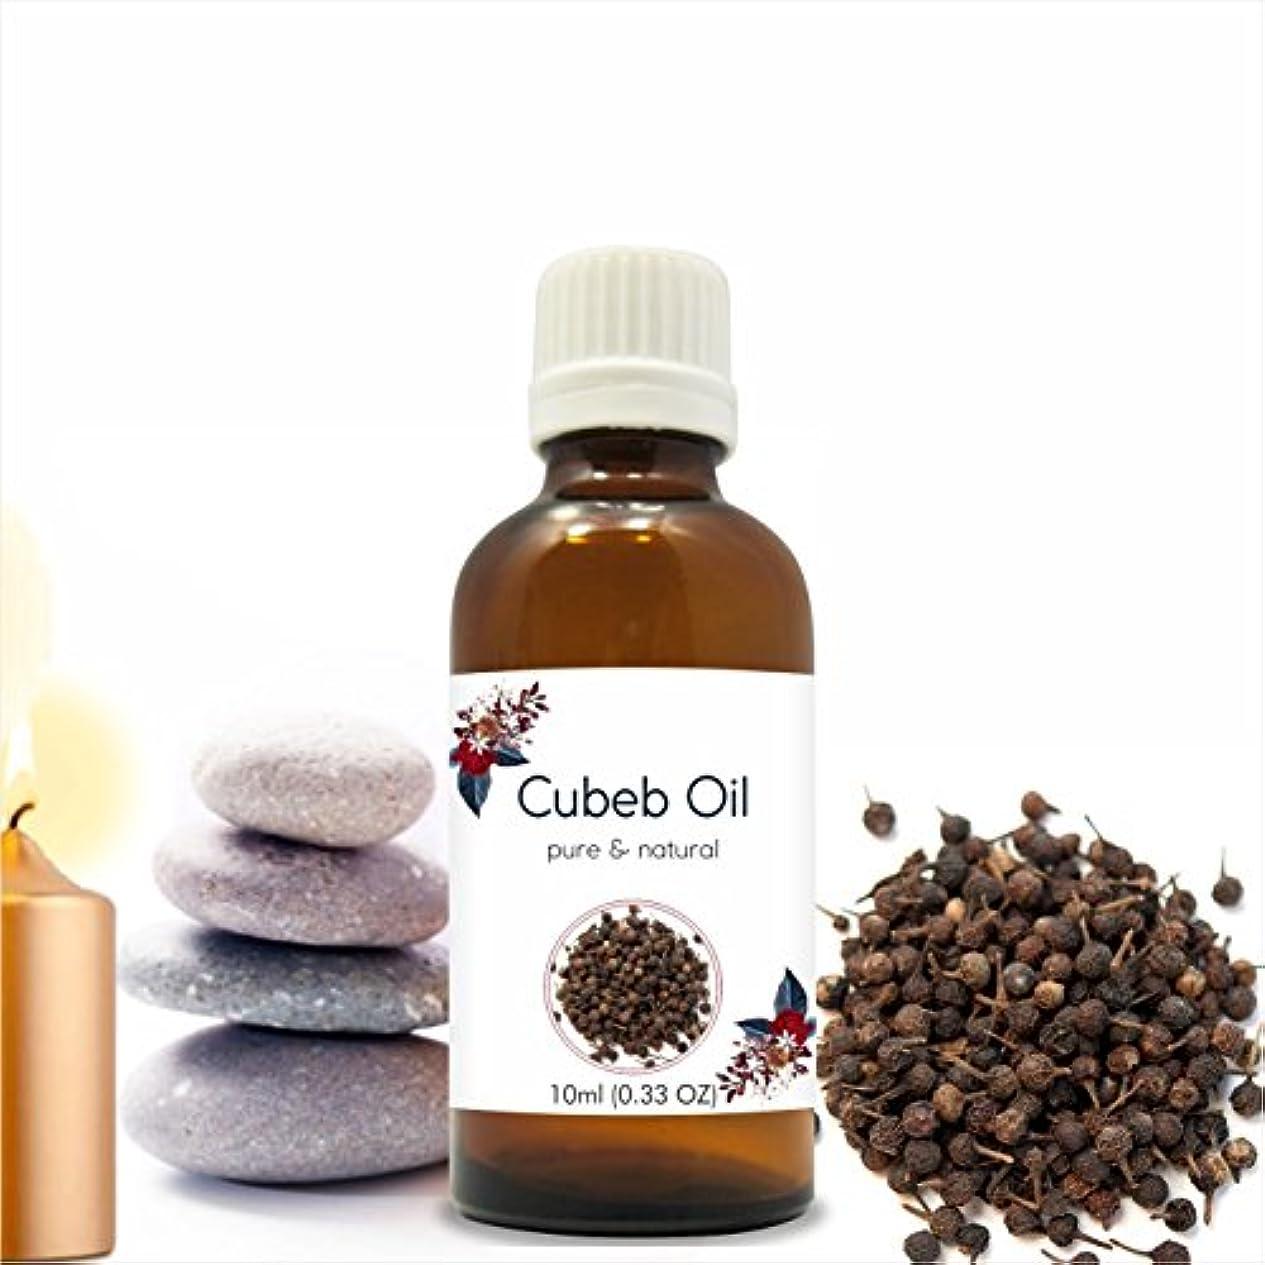 代替管理します責任者Cubeb Oil(Piper Cubeba) Essential Oil 10 ml or 0.33 Fl Oz by Blooming Alley